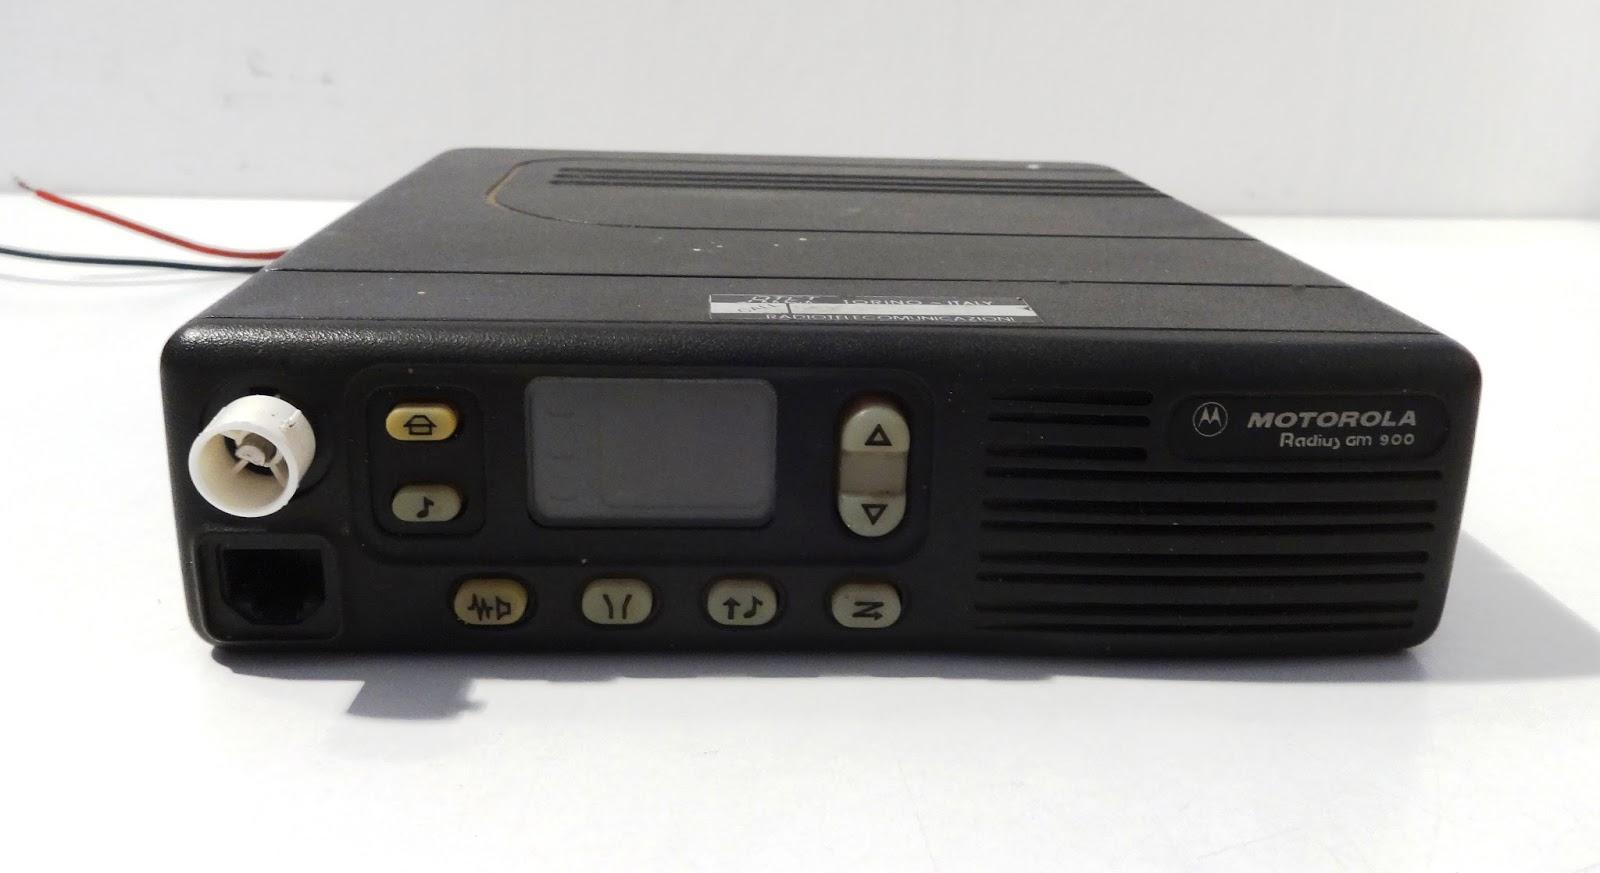 Wspaniały mircogarau: Ripetitore Motorola Radius GM 900 VHF Type MR304B SF58